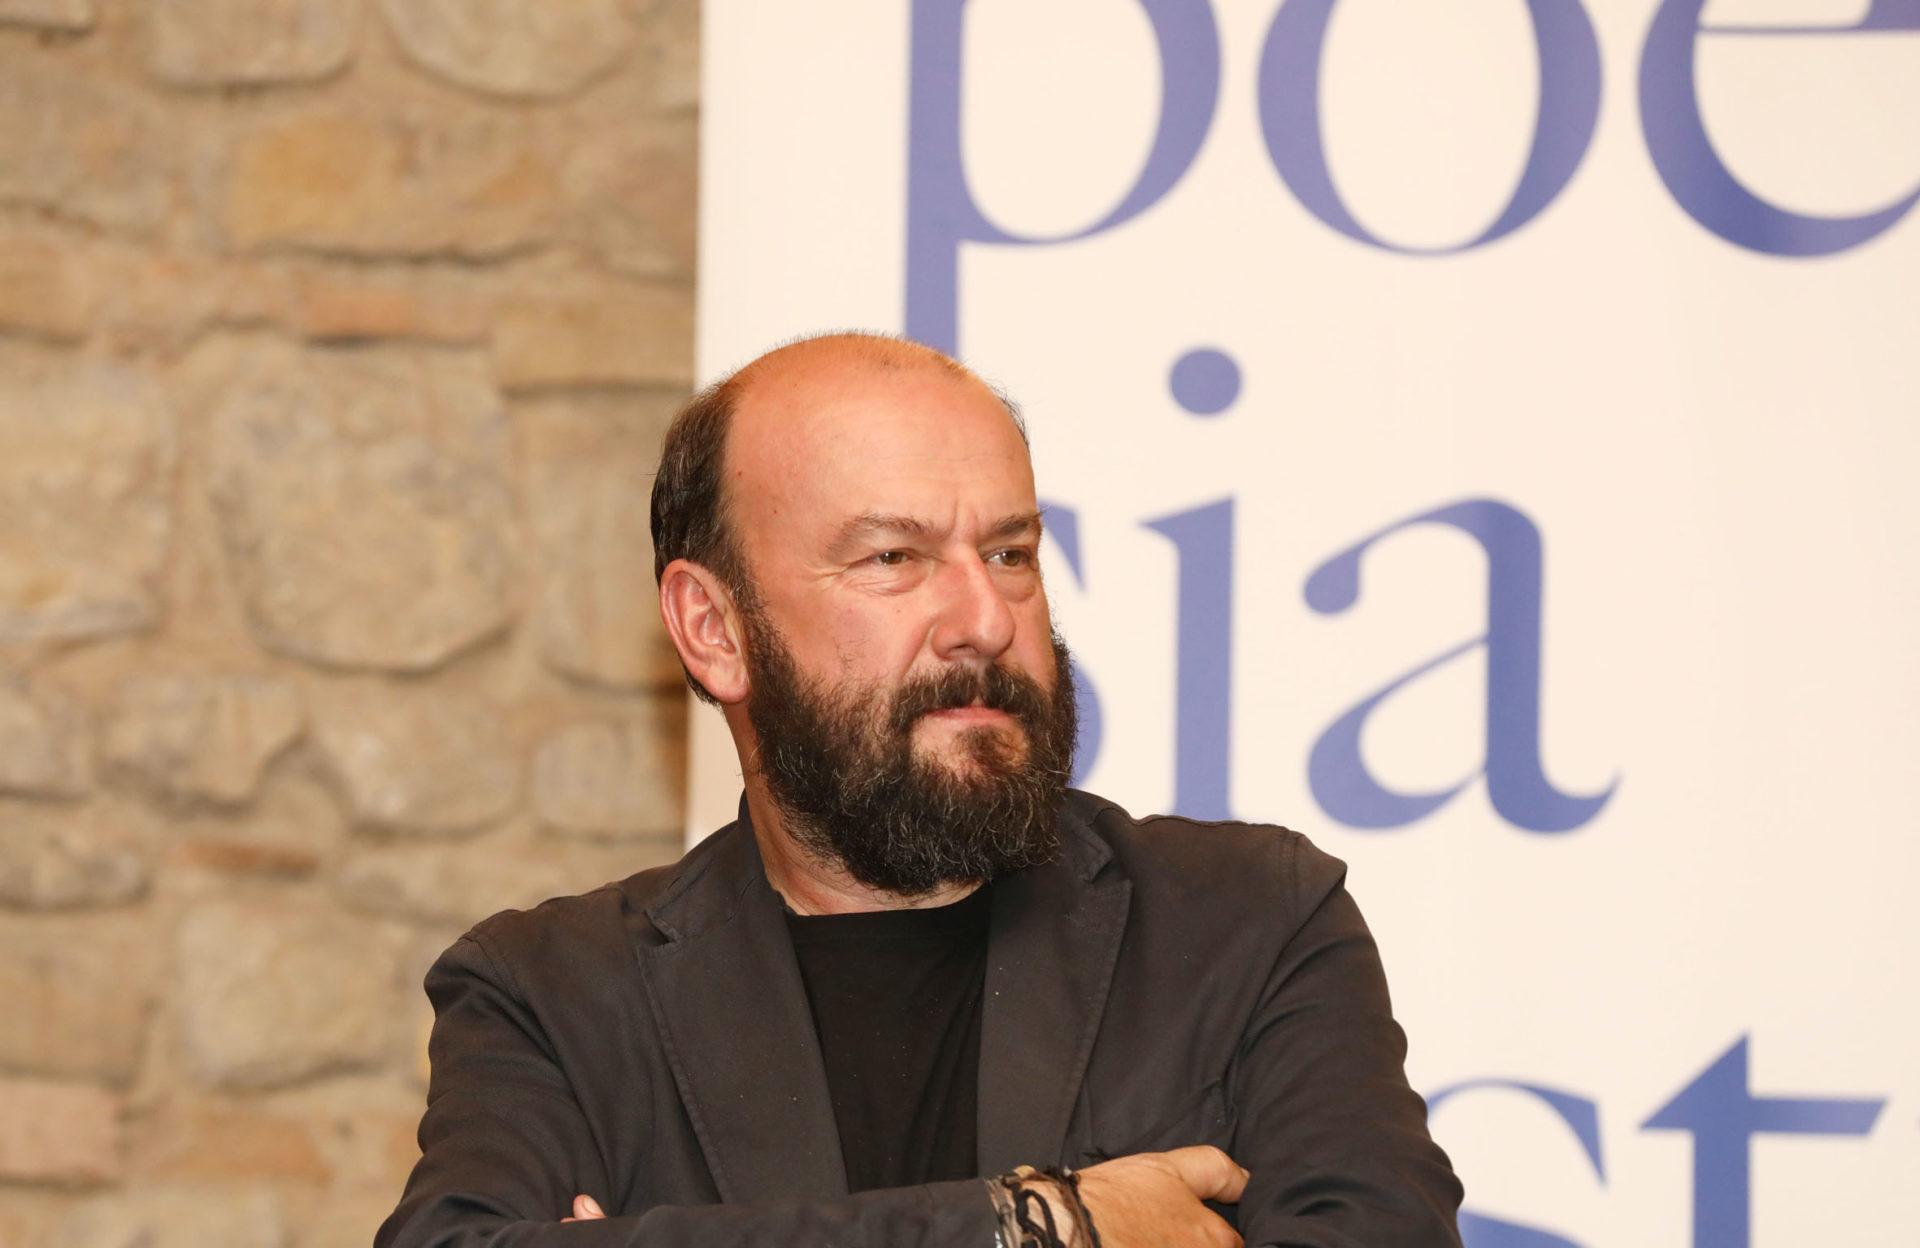 Davide Rondoni a Poesia Festival '17 - photo© Serena Campanini